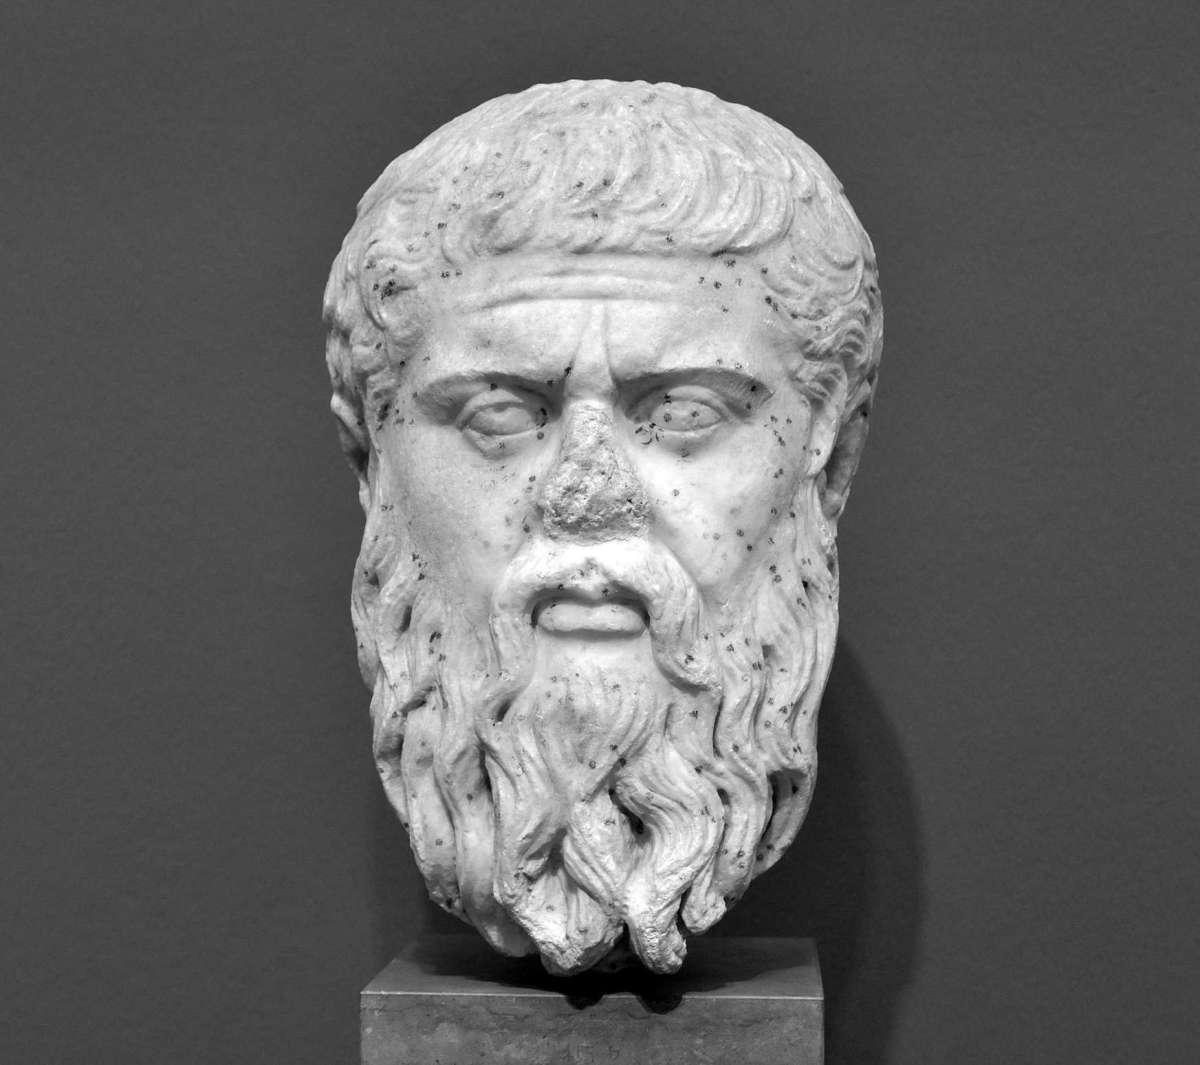 Het aardraster Plato